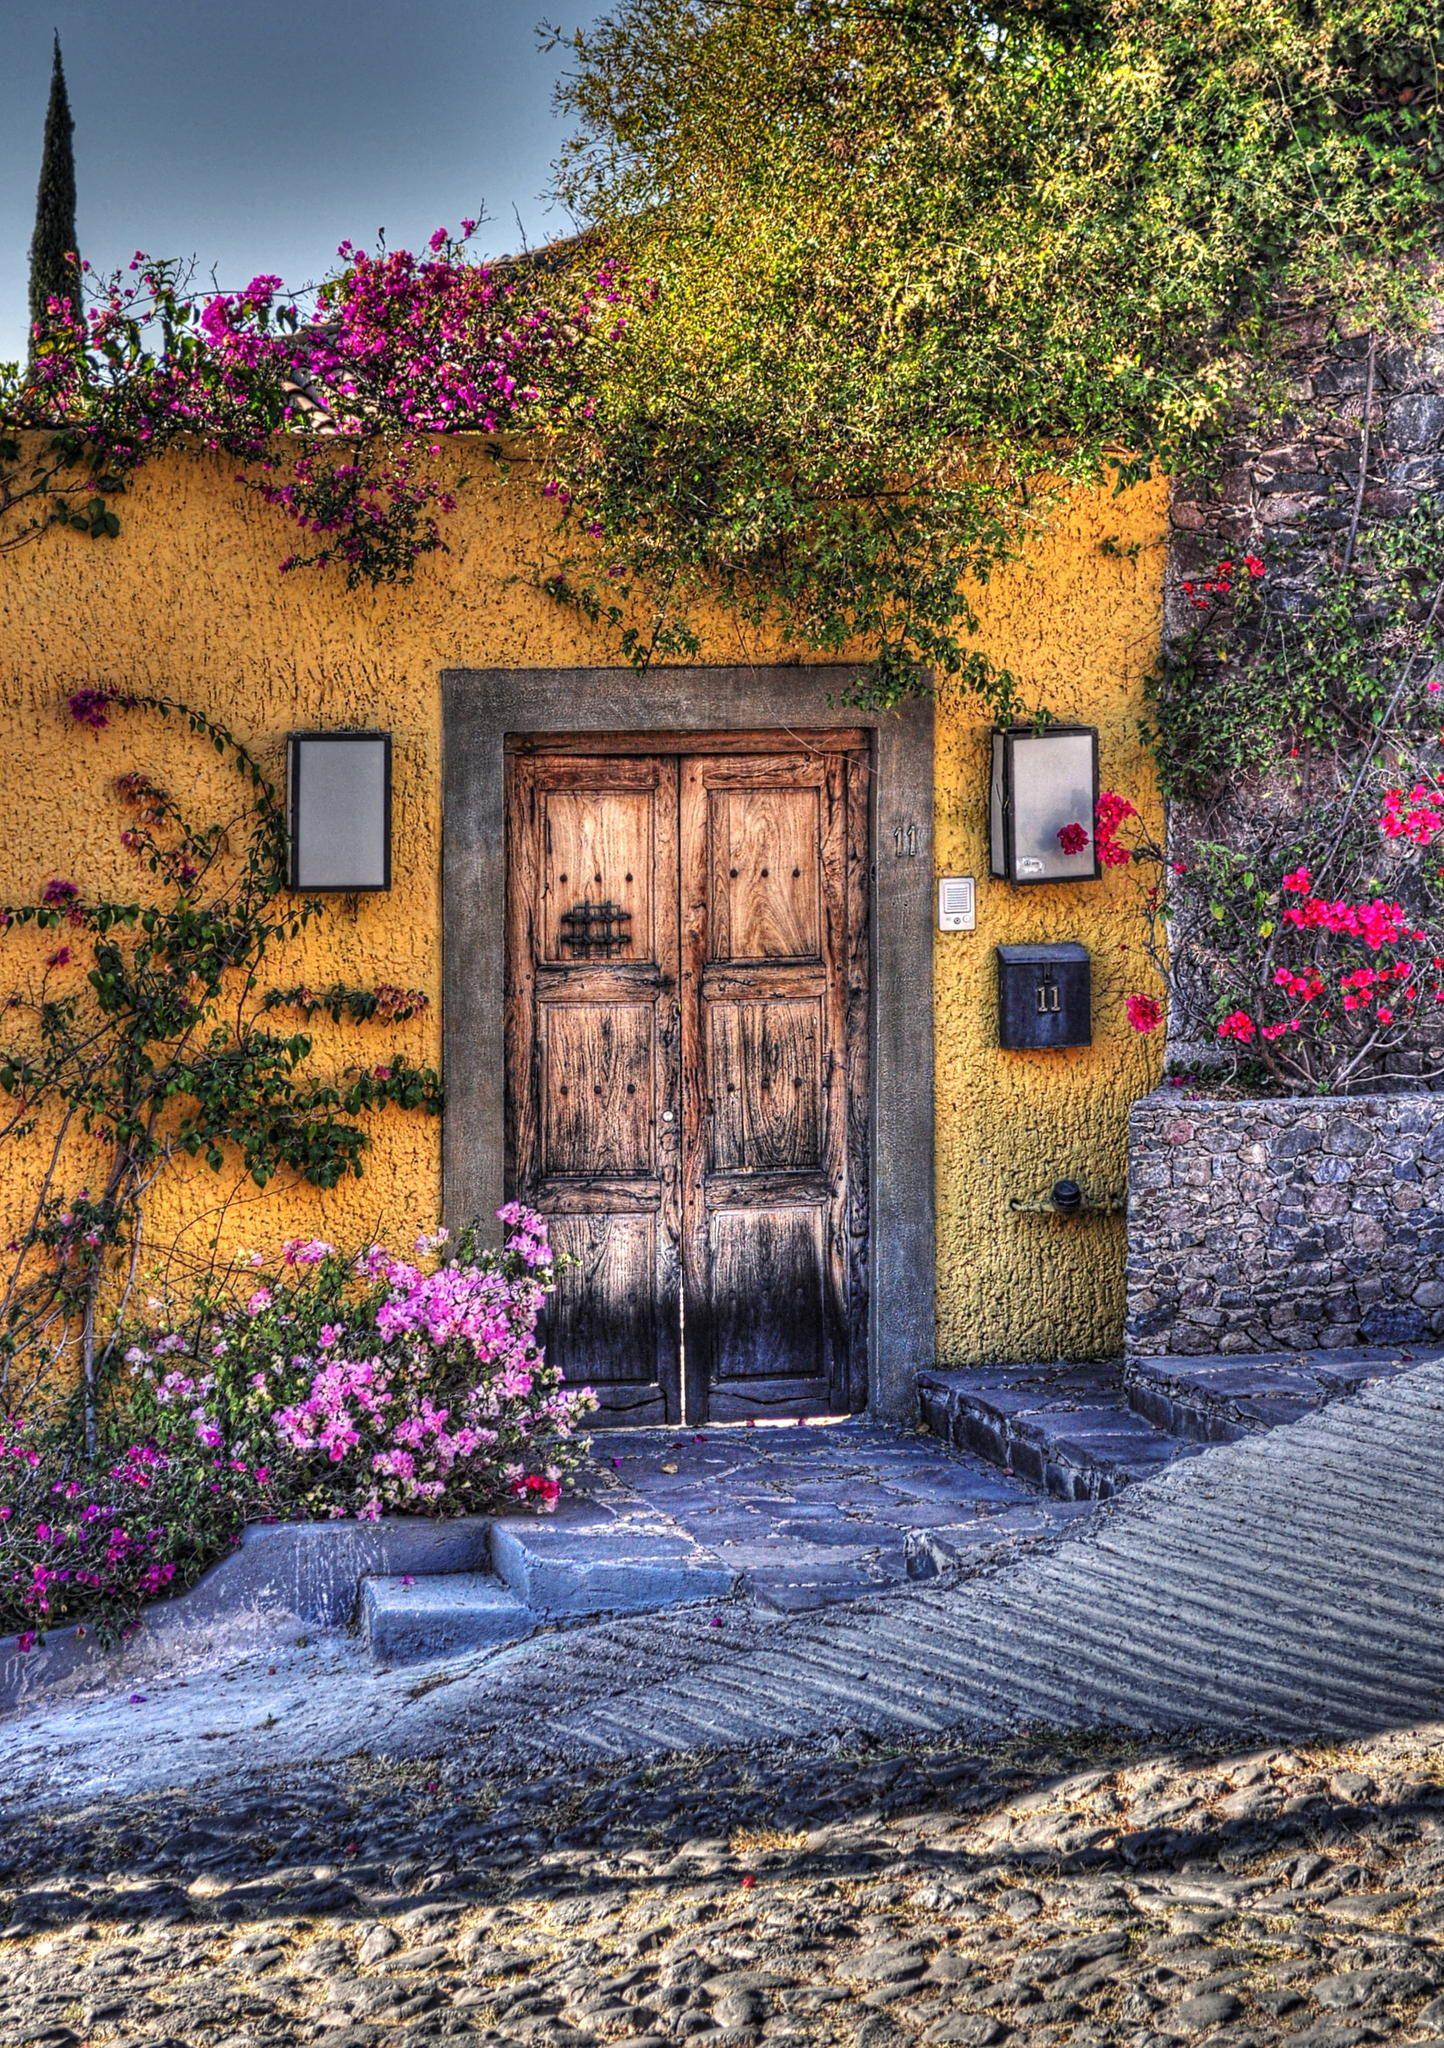 San Miguel de Allende, Mexico by Salvador Ruano on 500px